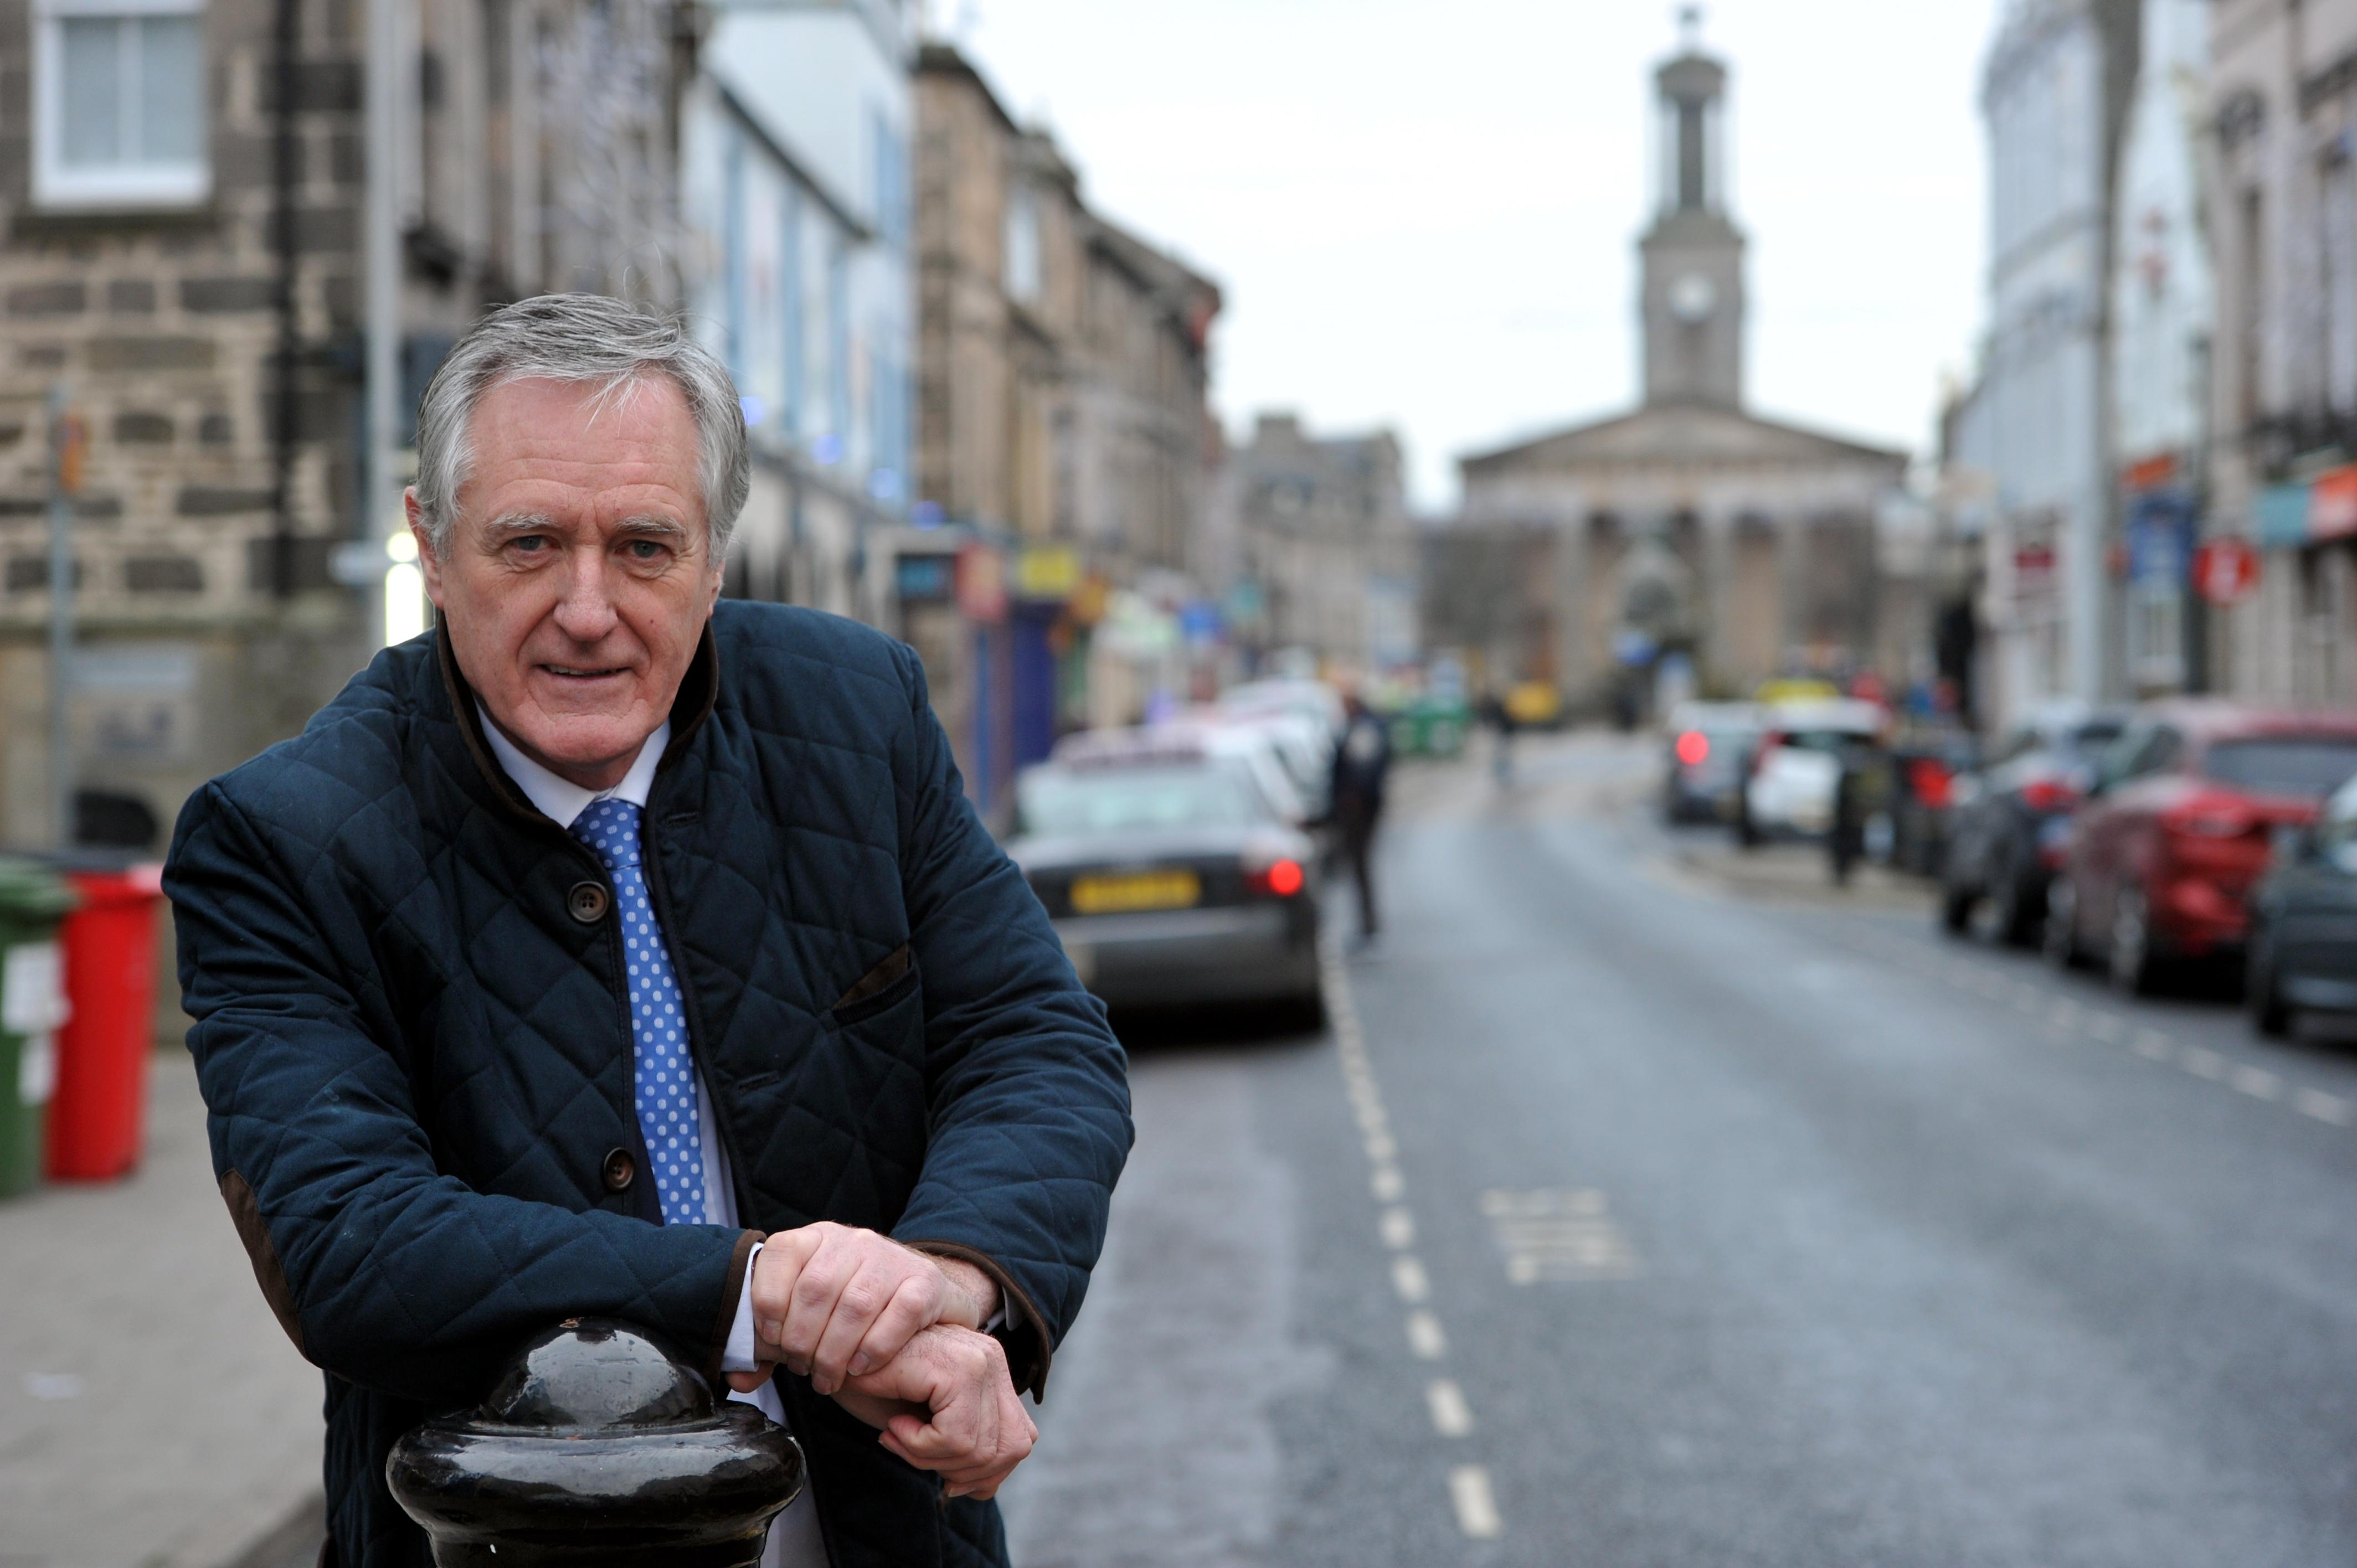 Councillor John Cowe in the High Street, Elgin.